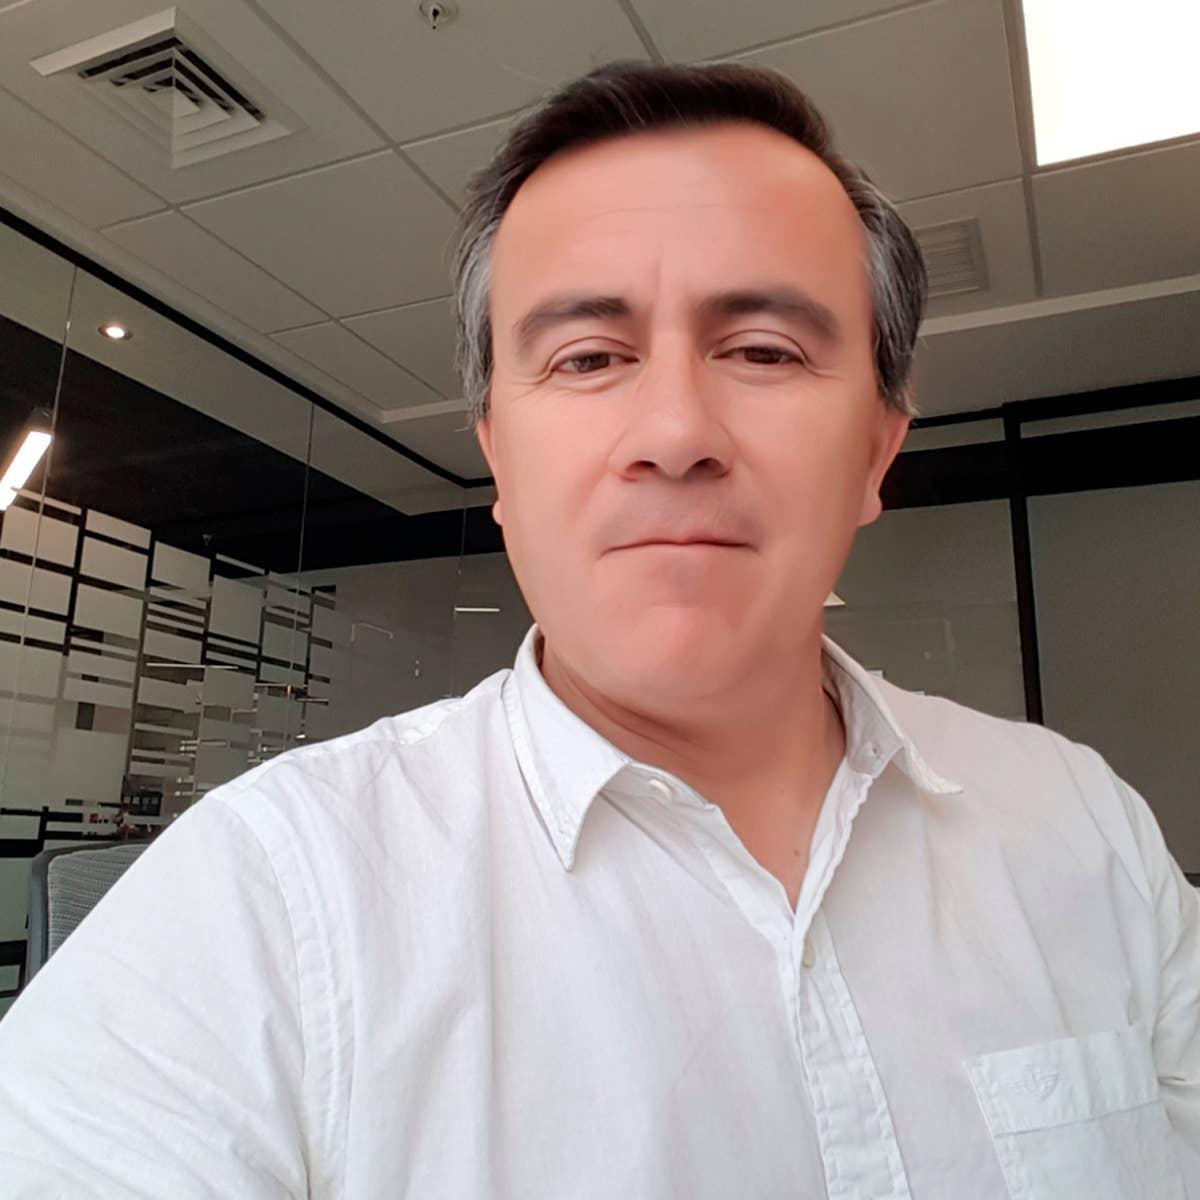 Patricio Cerda Luengo